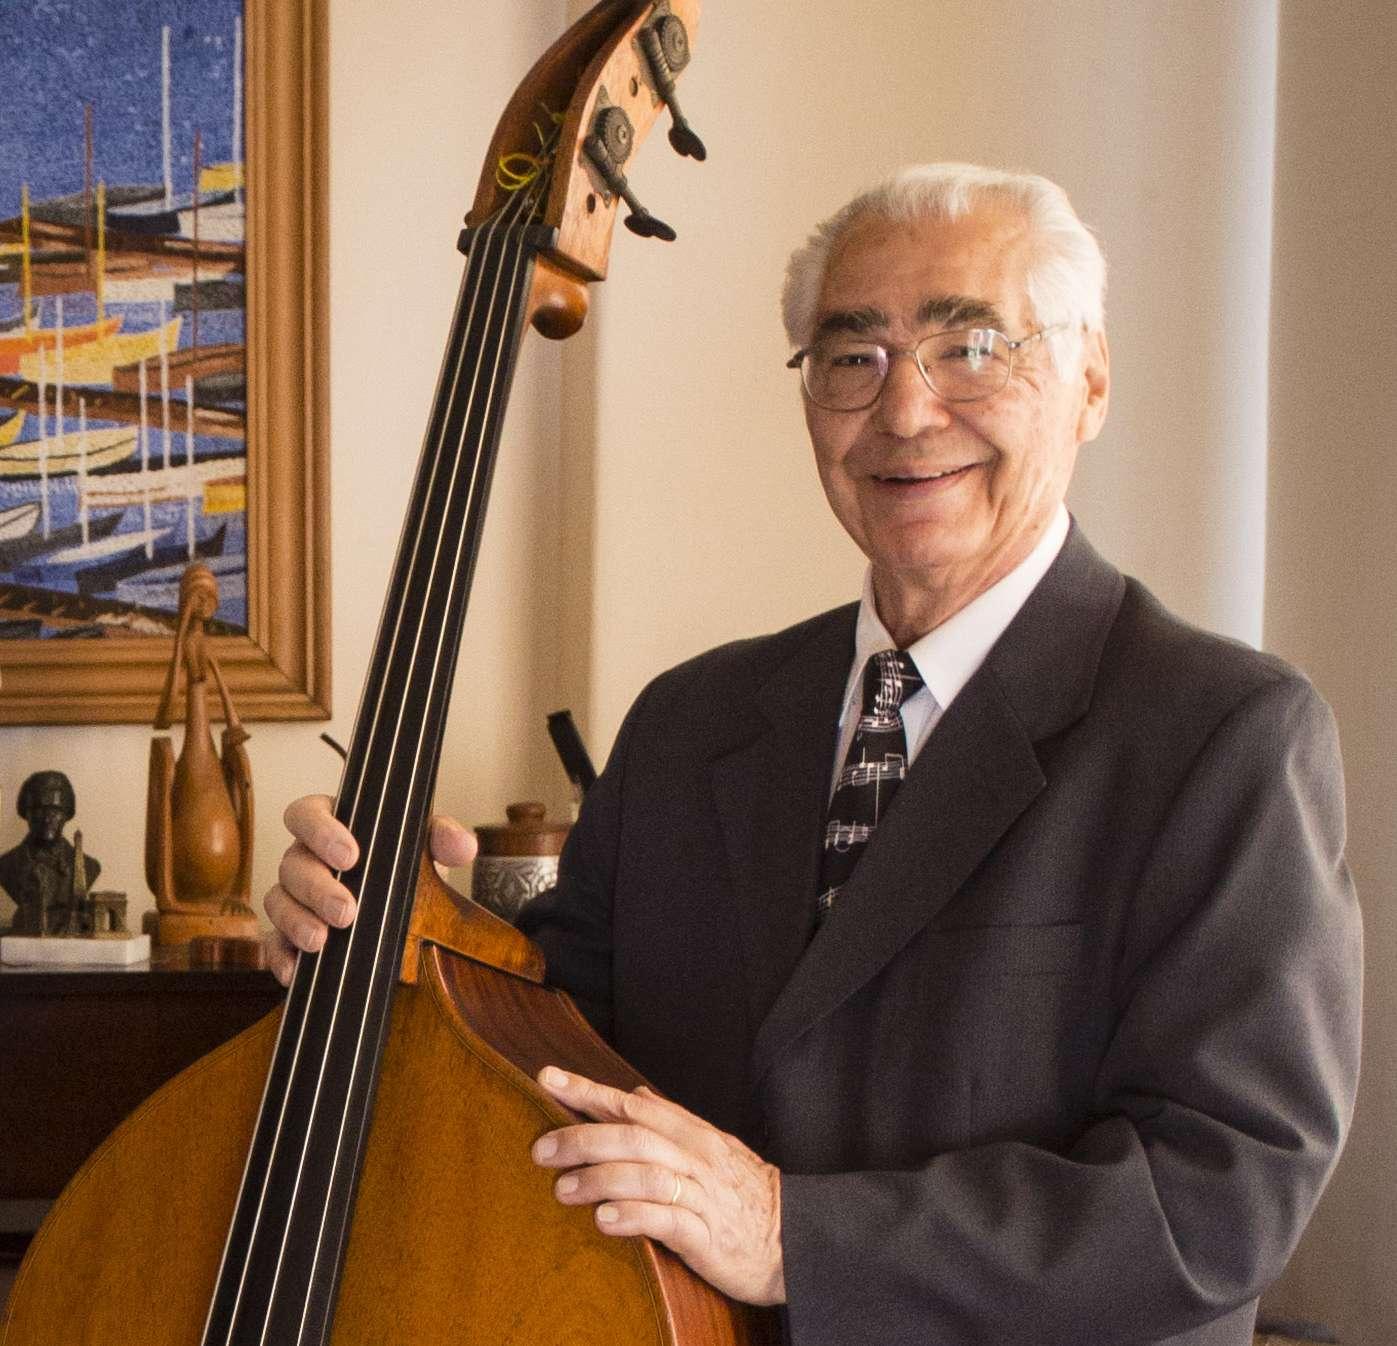 Sandrino Santoro é homenageado pela Escola de Música UFRJ